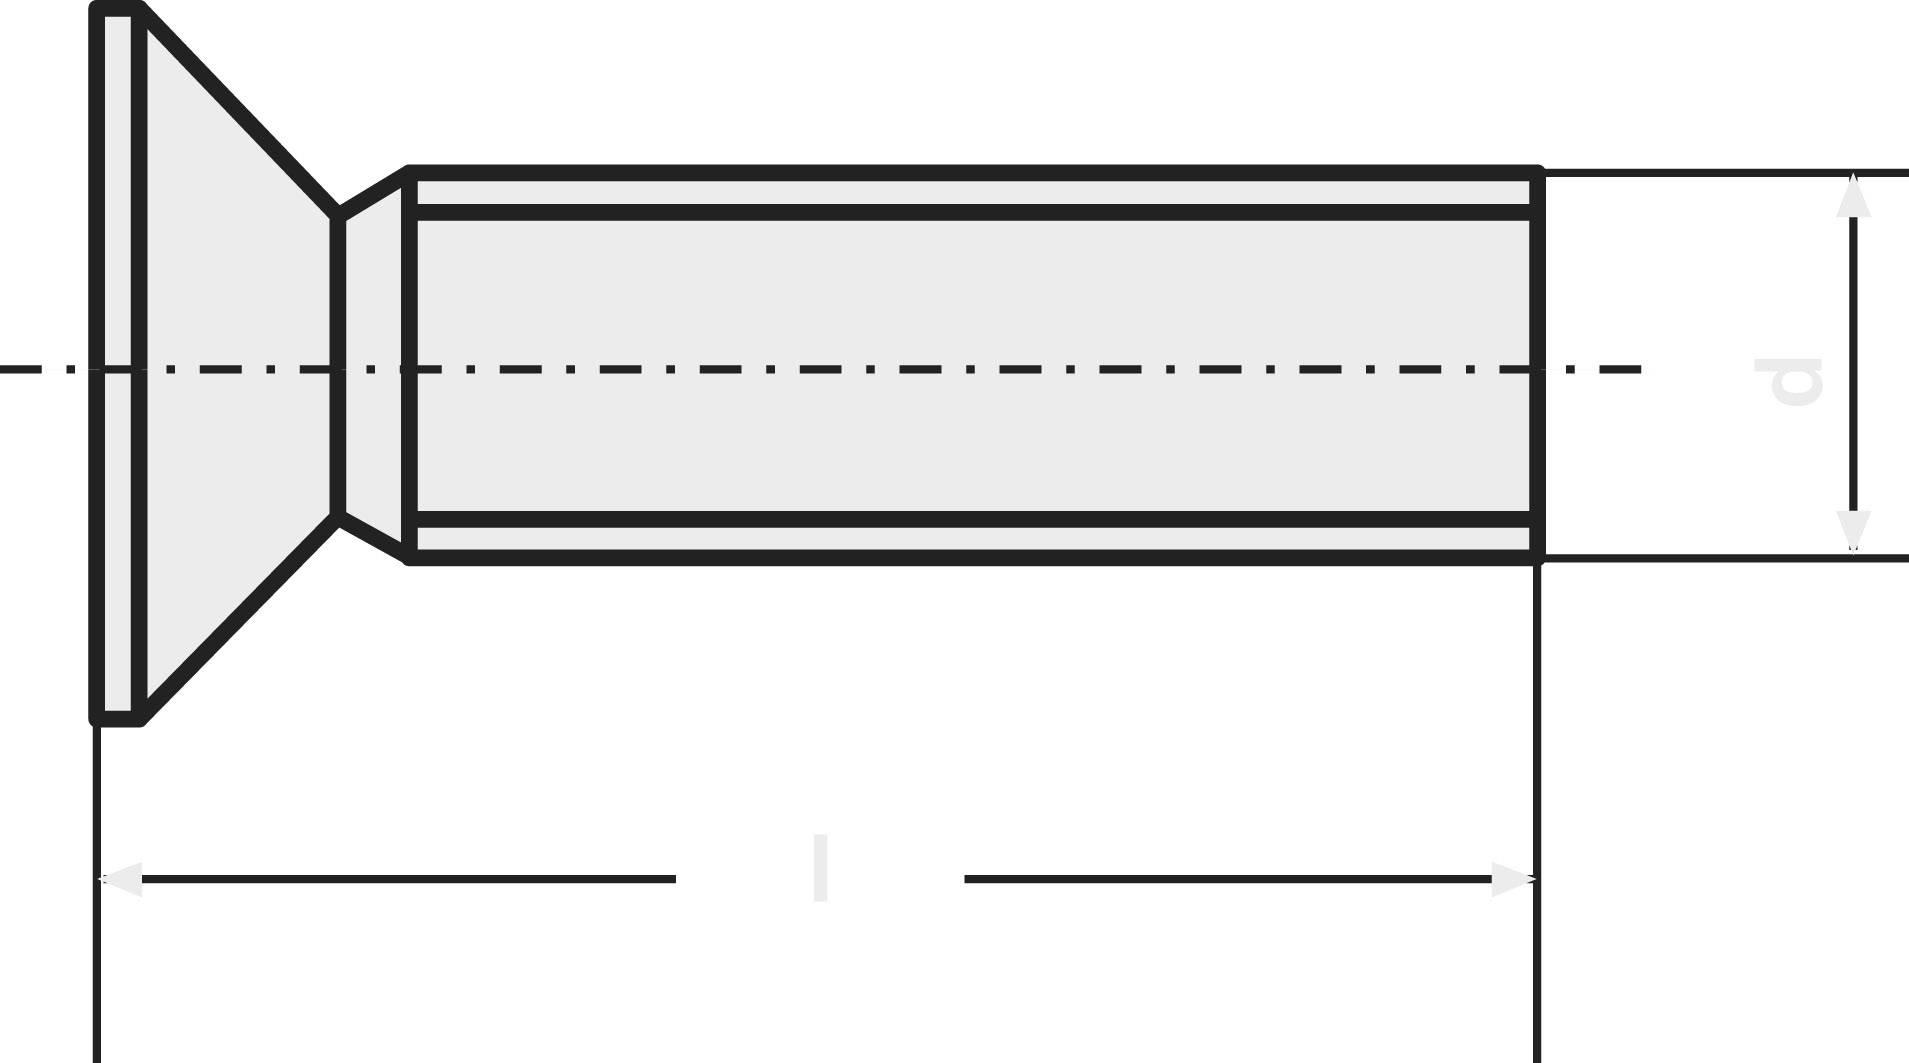 M5 5-100 mm Zylinderschrauben DIN 912 8.8 verzinkt Innensechskantschrauben